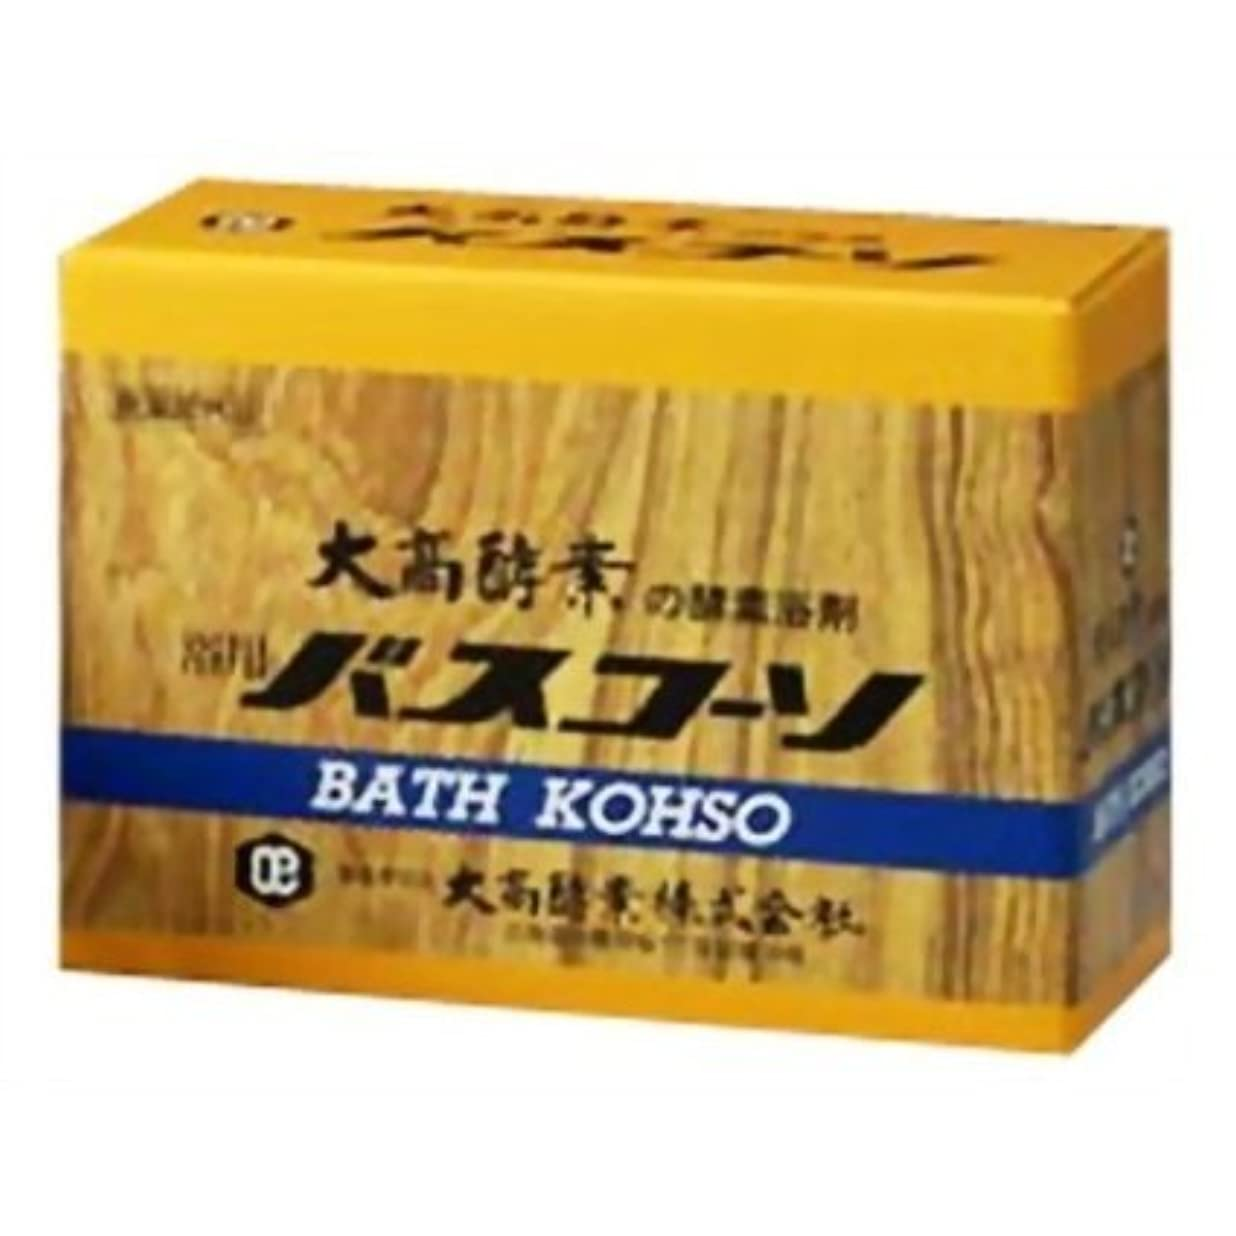 に関して自宅で解体する大高酵素 浴用バスコーソ 100gx6 【4個セット】